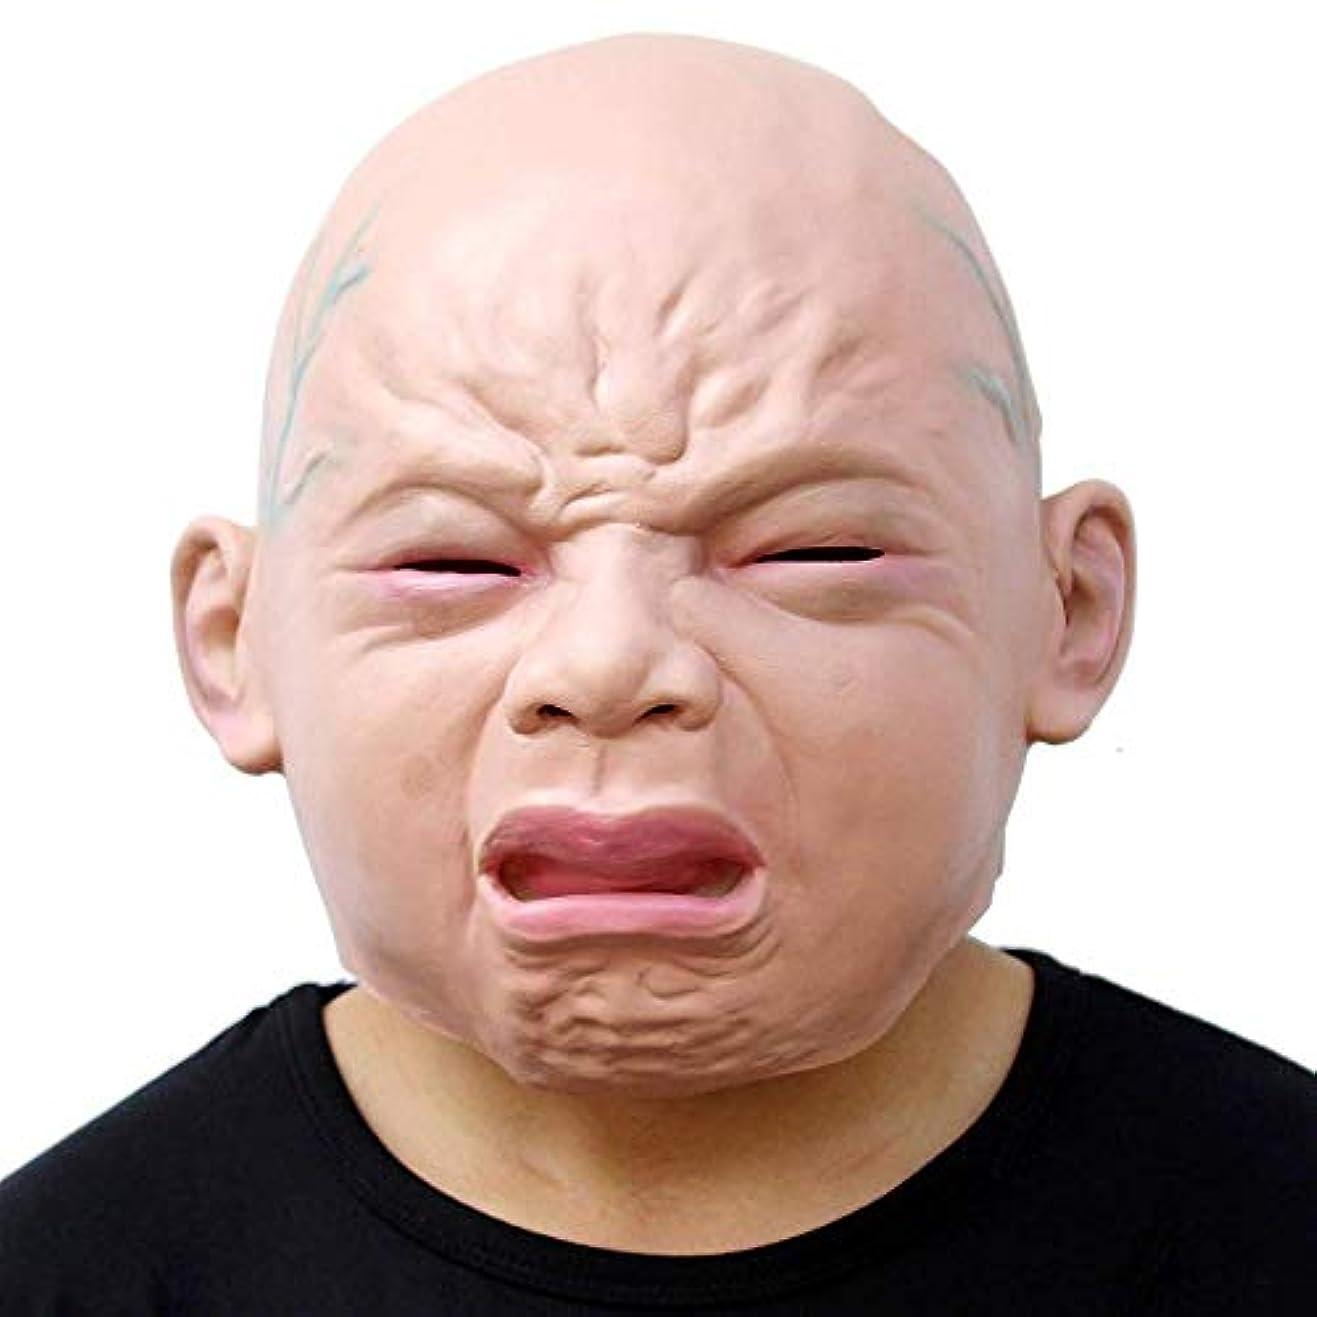 村有名人責任ノベルティハロウィーンコスチュームパーティーラテックスヘッドマスク赤ちゃんの顔、パーティーホラーコスプレ衣装の小道具-泣いている赤ちゃん、大人の子